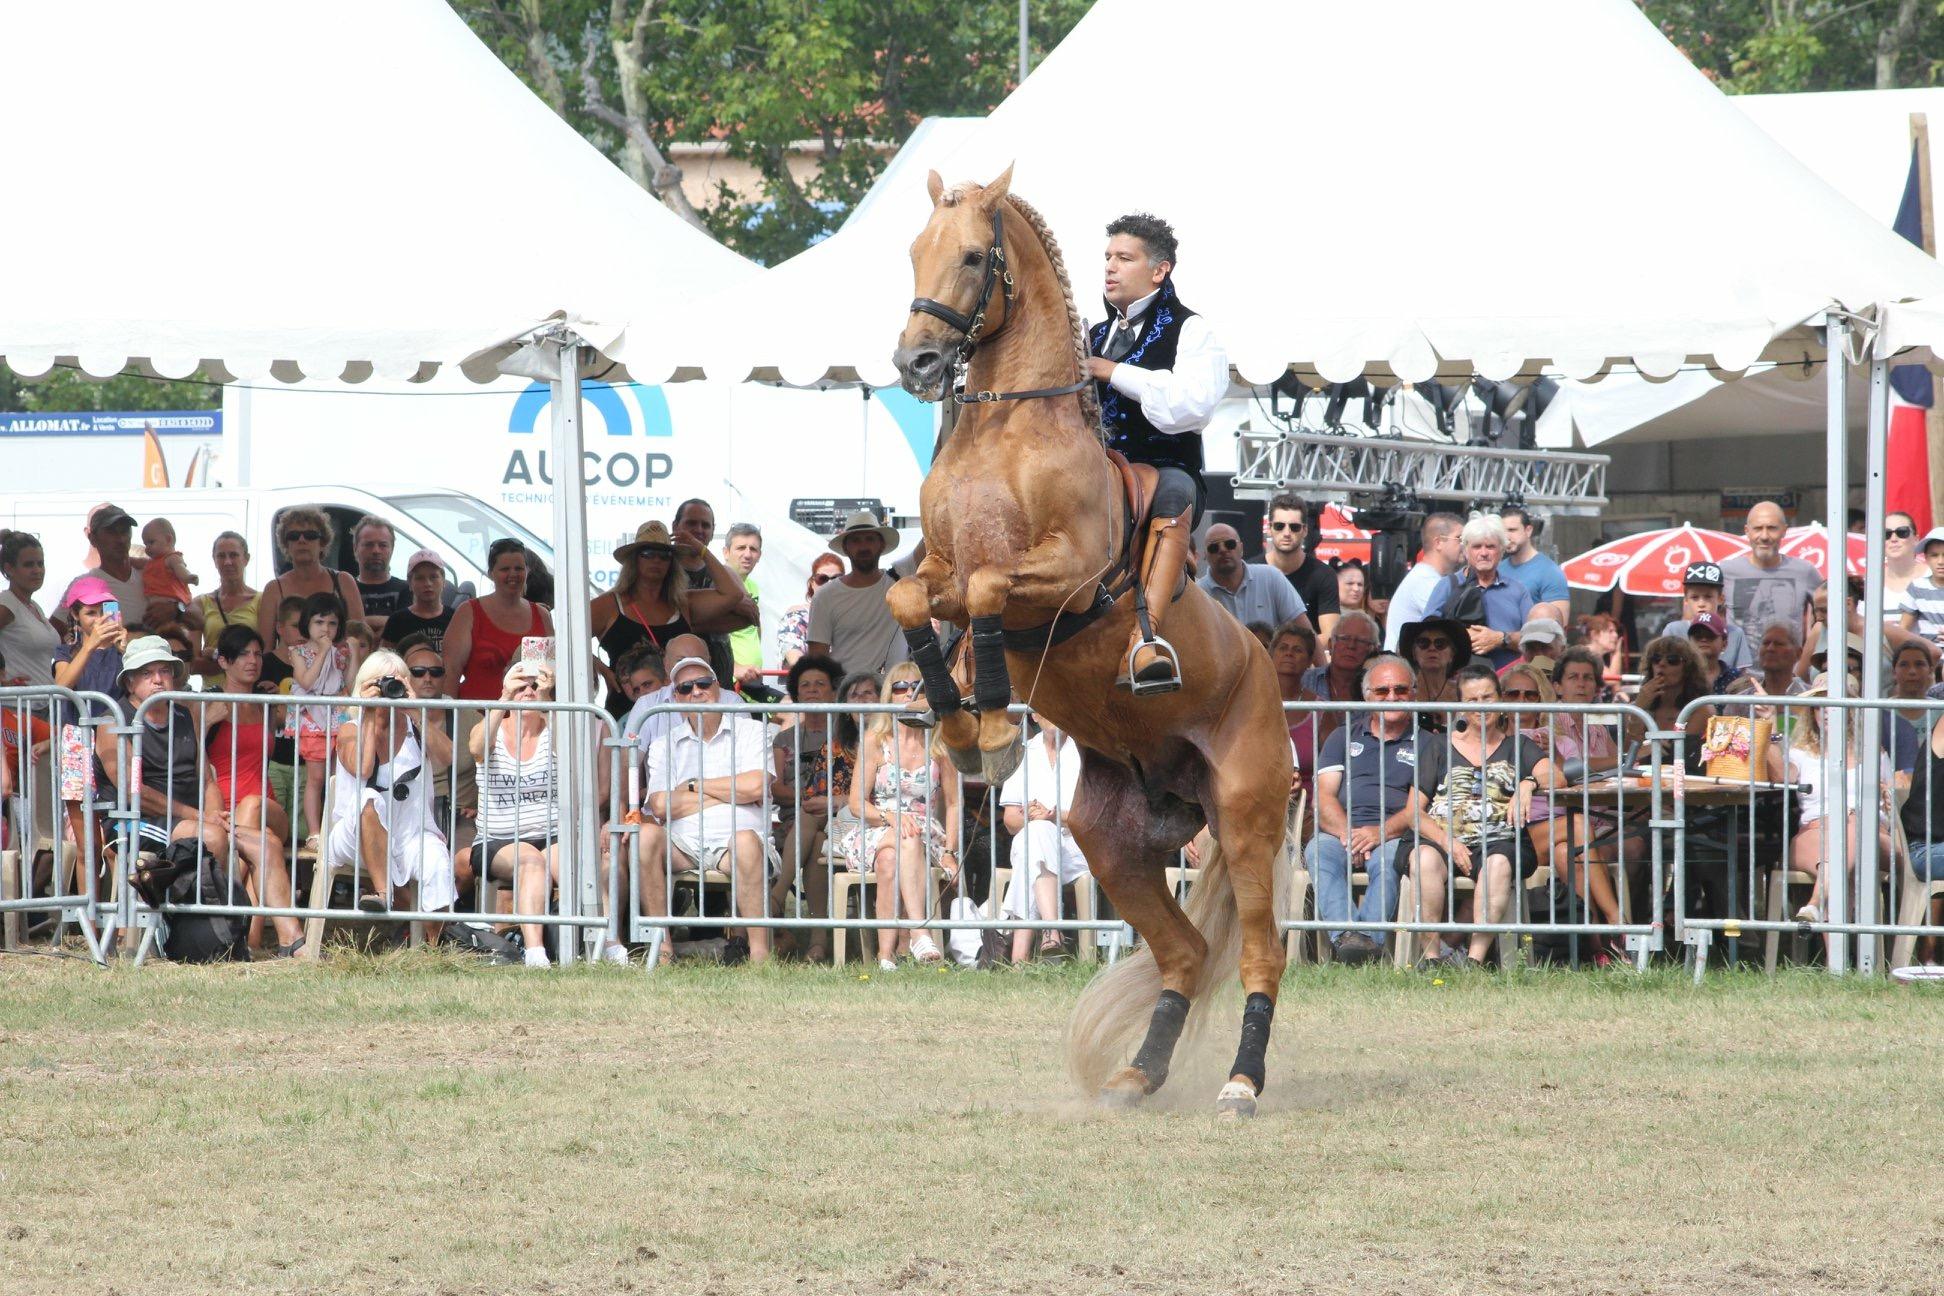 Fête du cheval à Levens-aucop-evenement-fete du cheval-levens-sonorisation-eclairage-location-materiel-audiovisuel-amsl equitation-carros-nice-marseille-paris-equitation